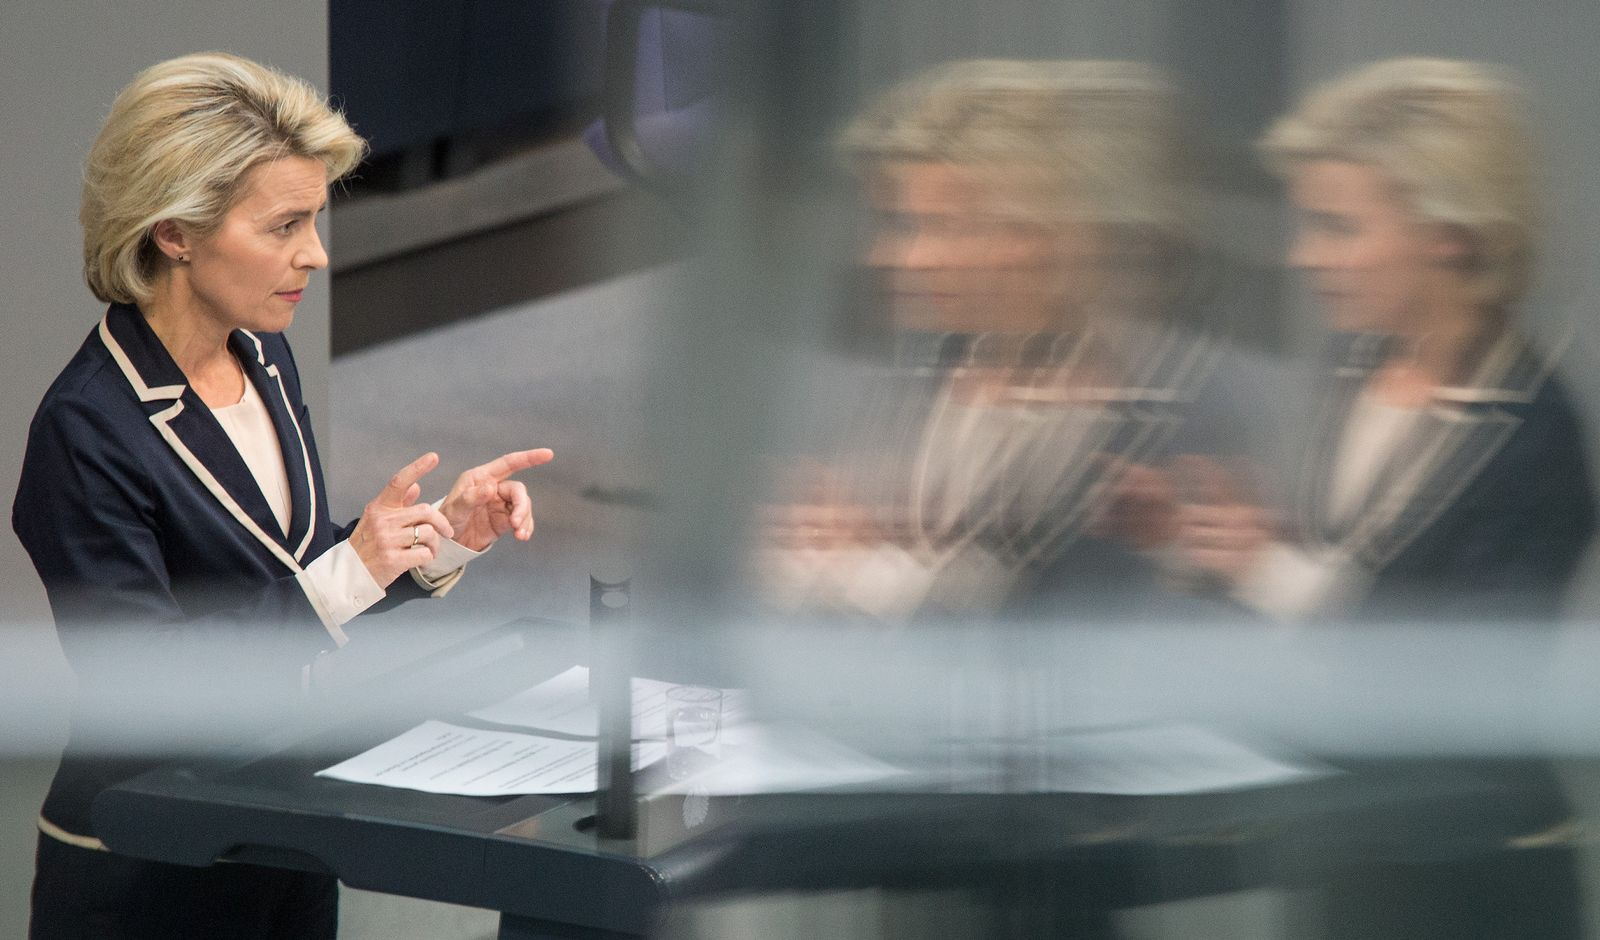 Bundestag / Ursula von der Leyen / vdl